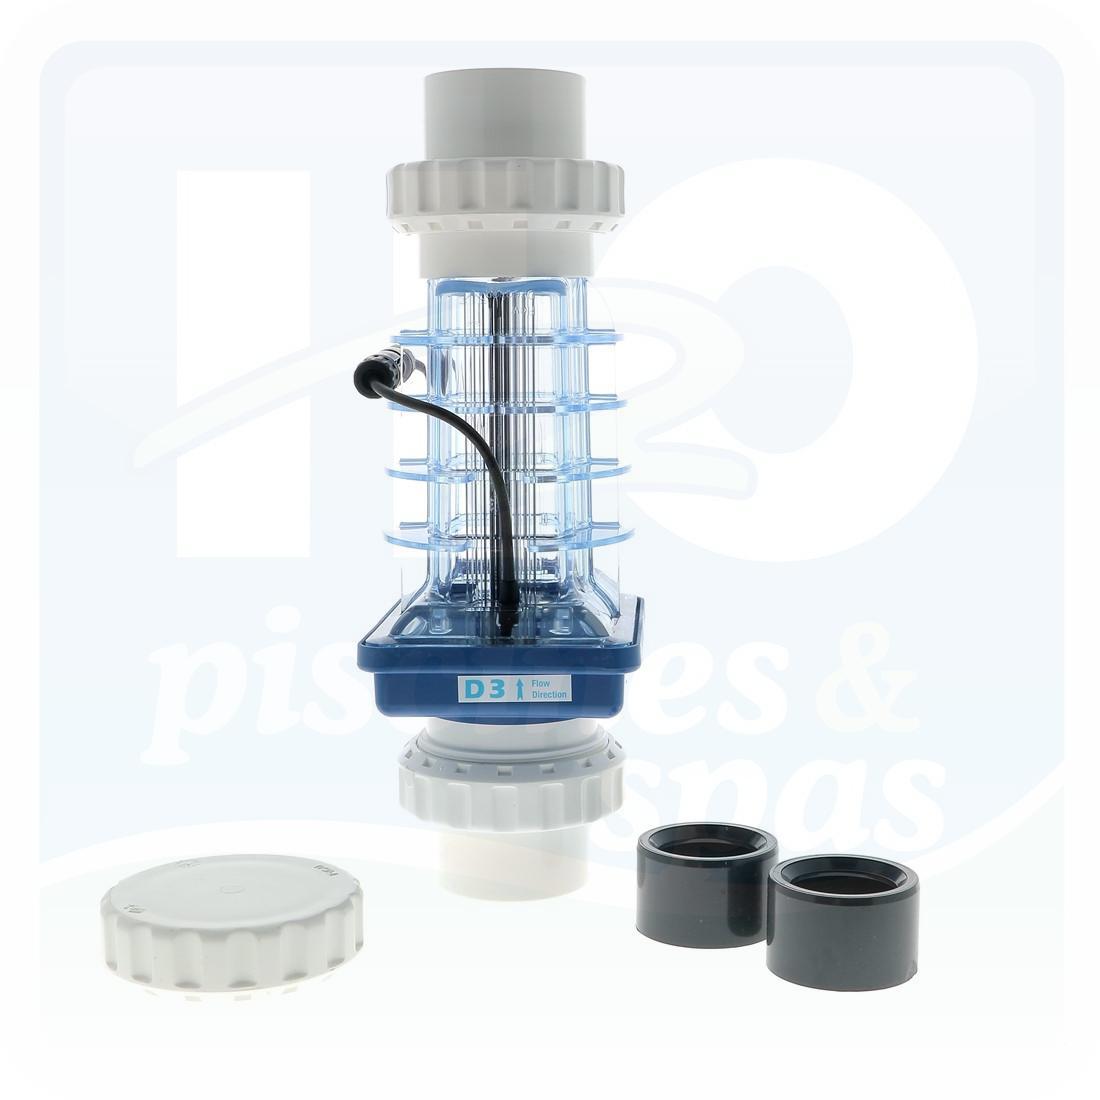 Cellule 3 Plaques D'électrolyseur Au Sel Aquablue Psc 5 Scci2 Pour Piscine  Jusqu'à 80 M3 - H2O Piscines & Spas destiné Electrolyseur Sel Piscine